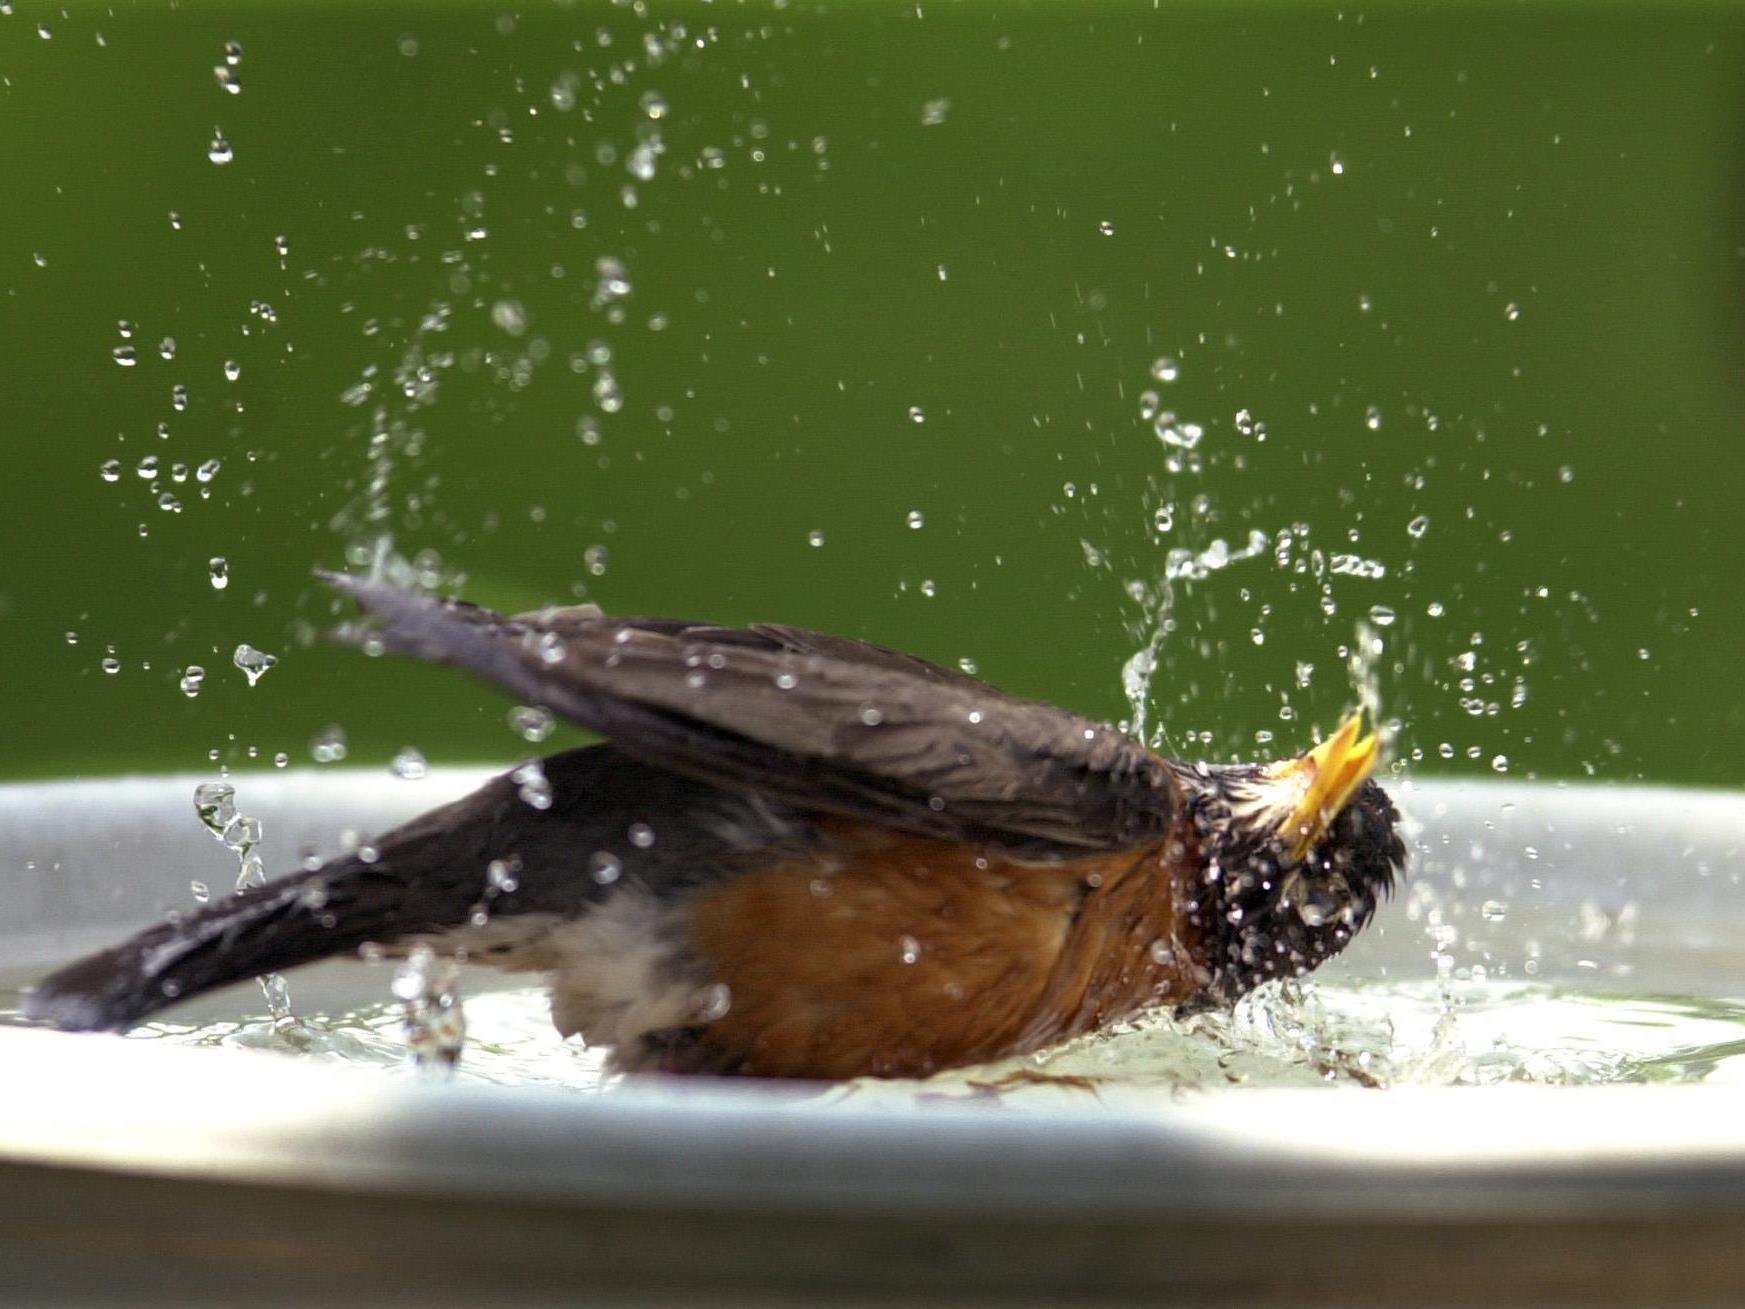 Tiere haben verschiedene Strategien entwickelt, um mit der Hitze umzugehen.